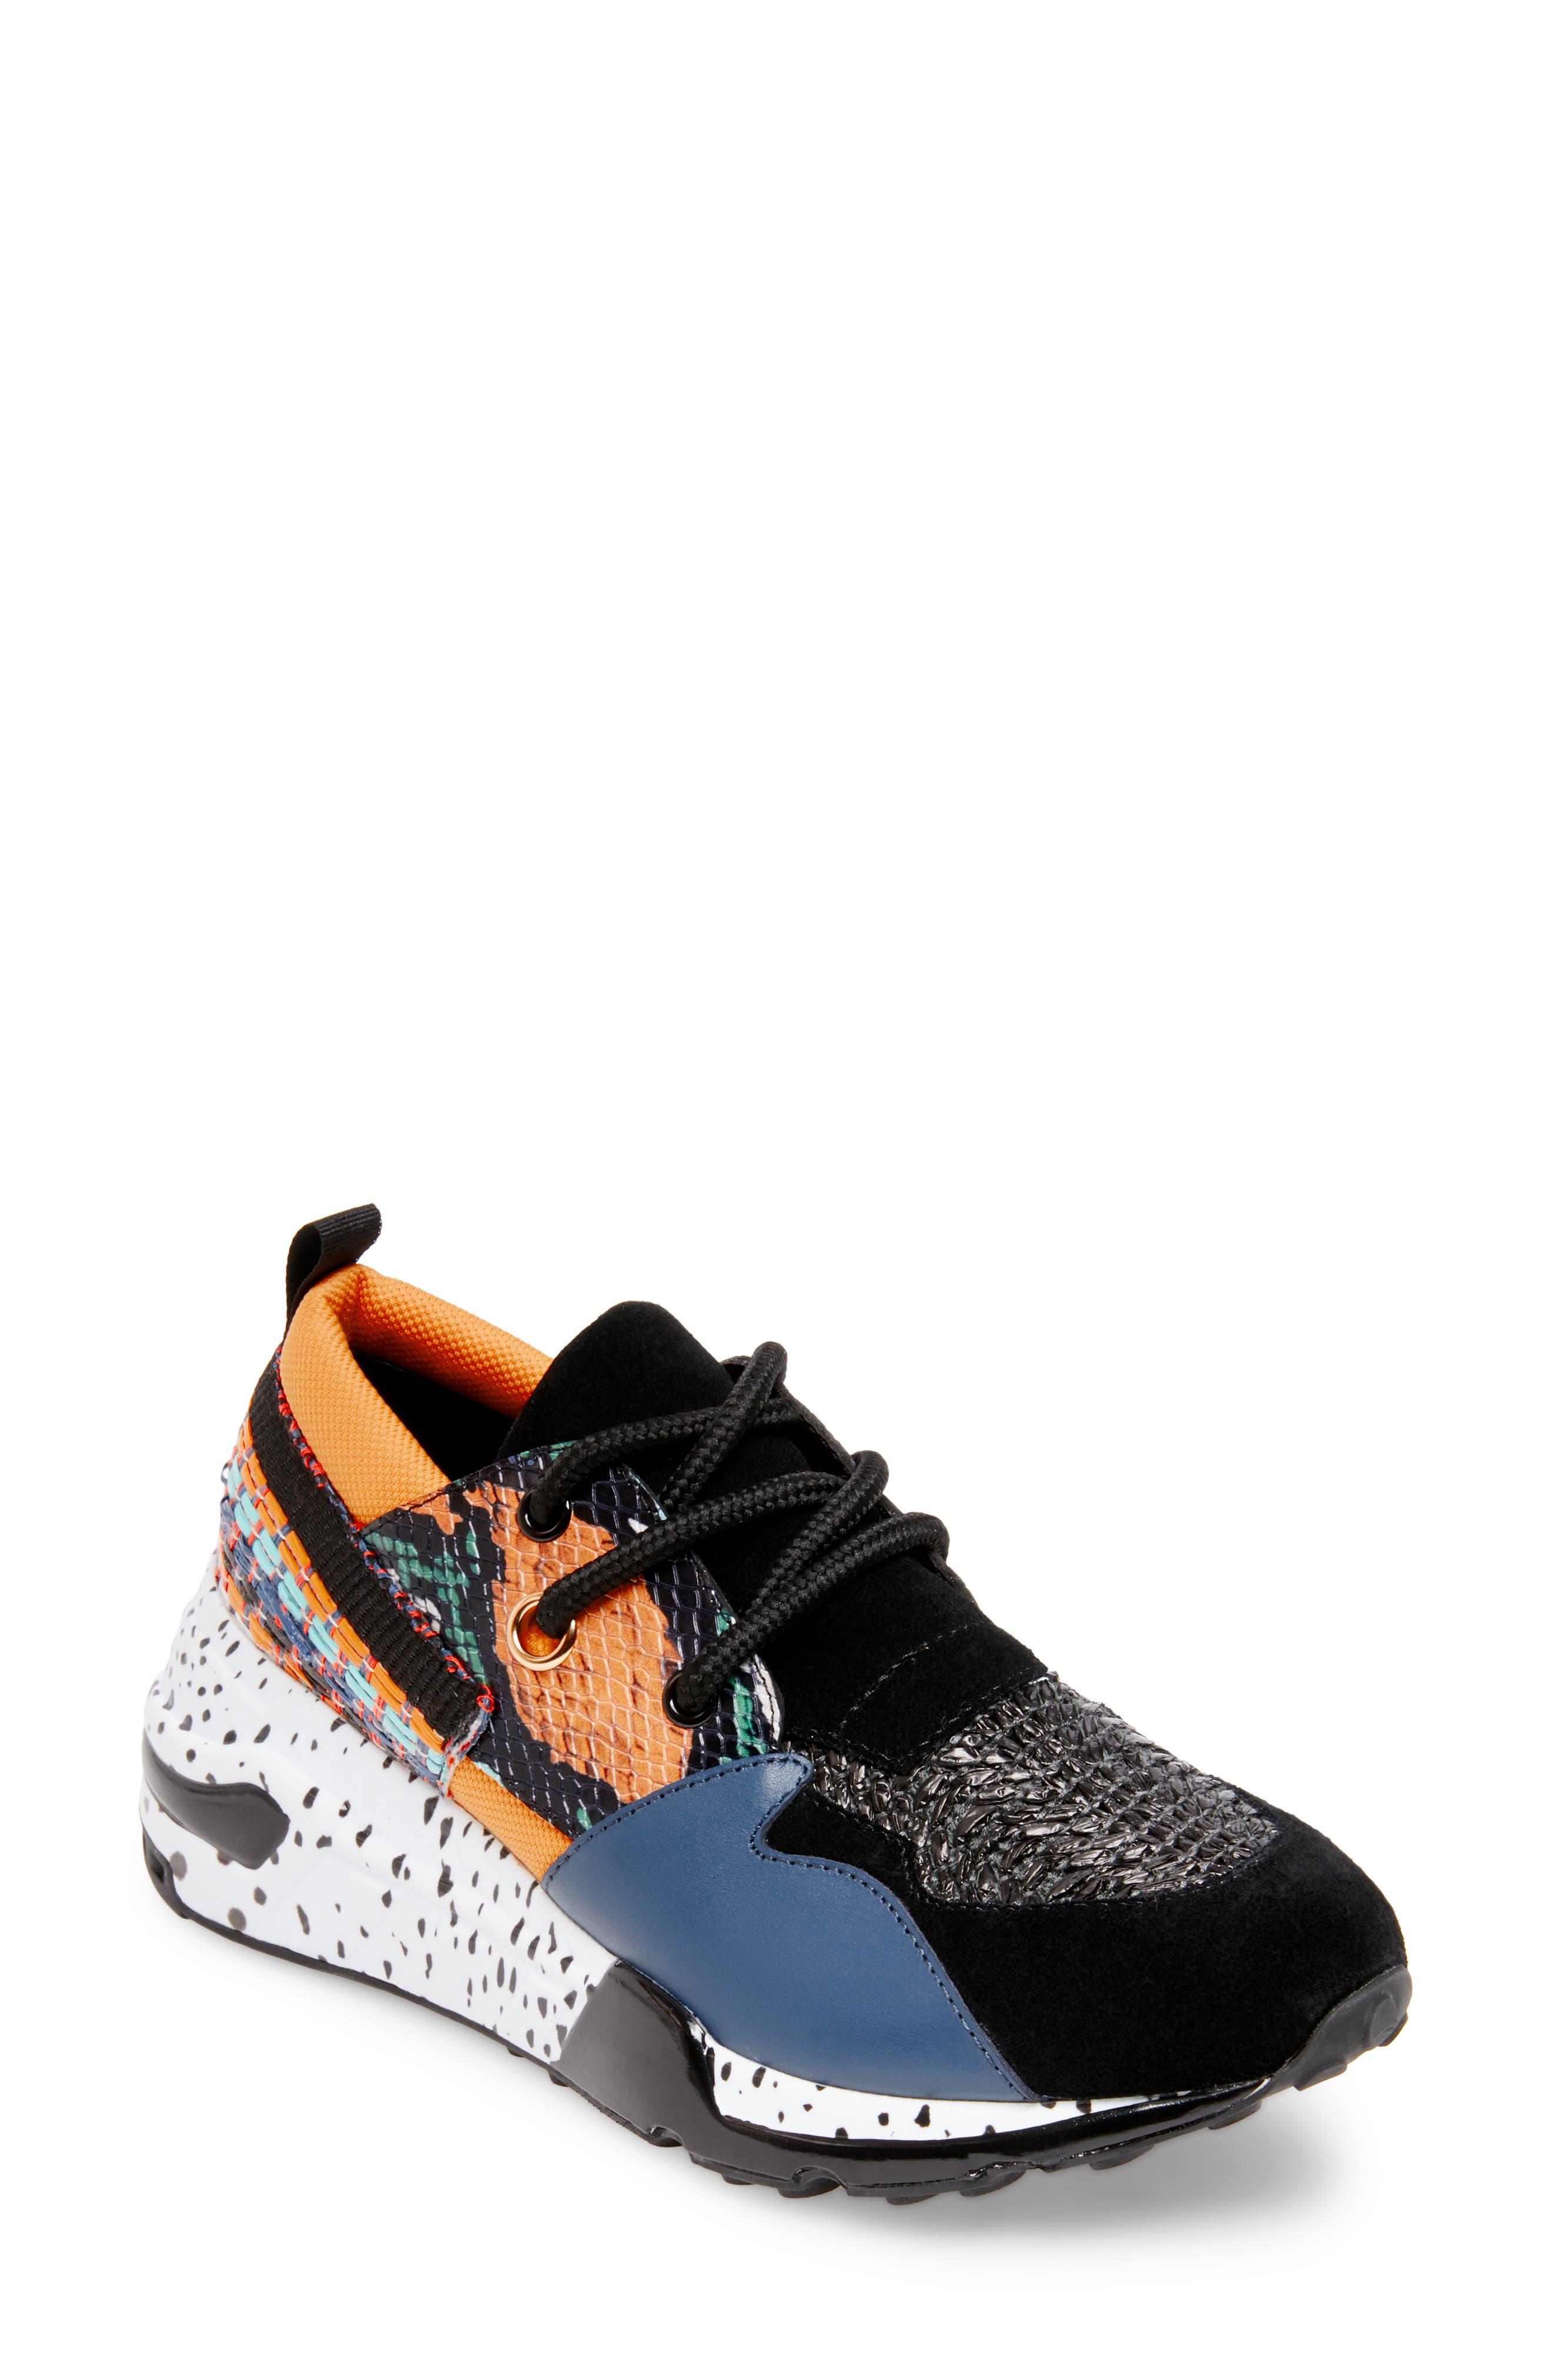 Cliff Sneaker,                         Main,                         color, ORANGE MULTICOLOR